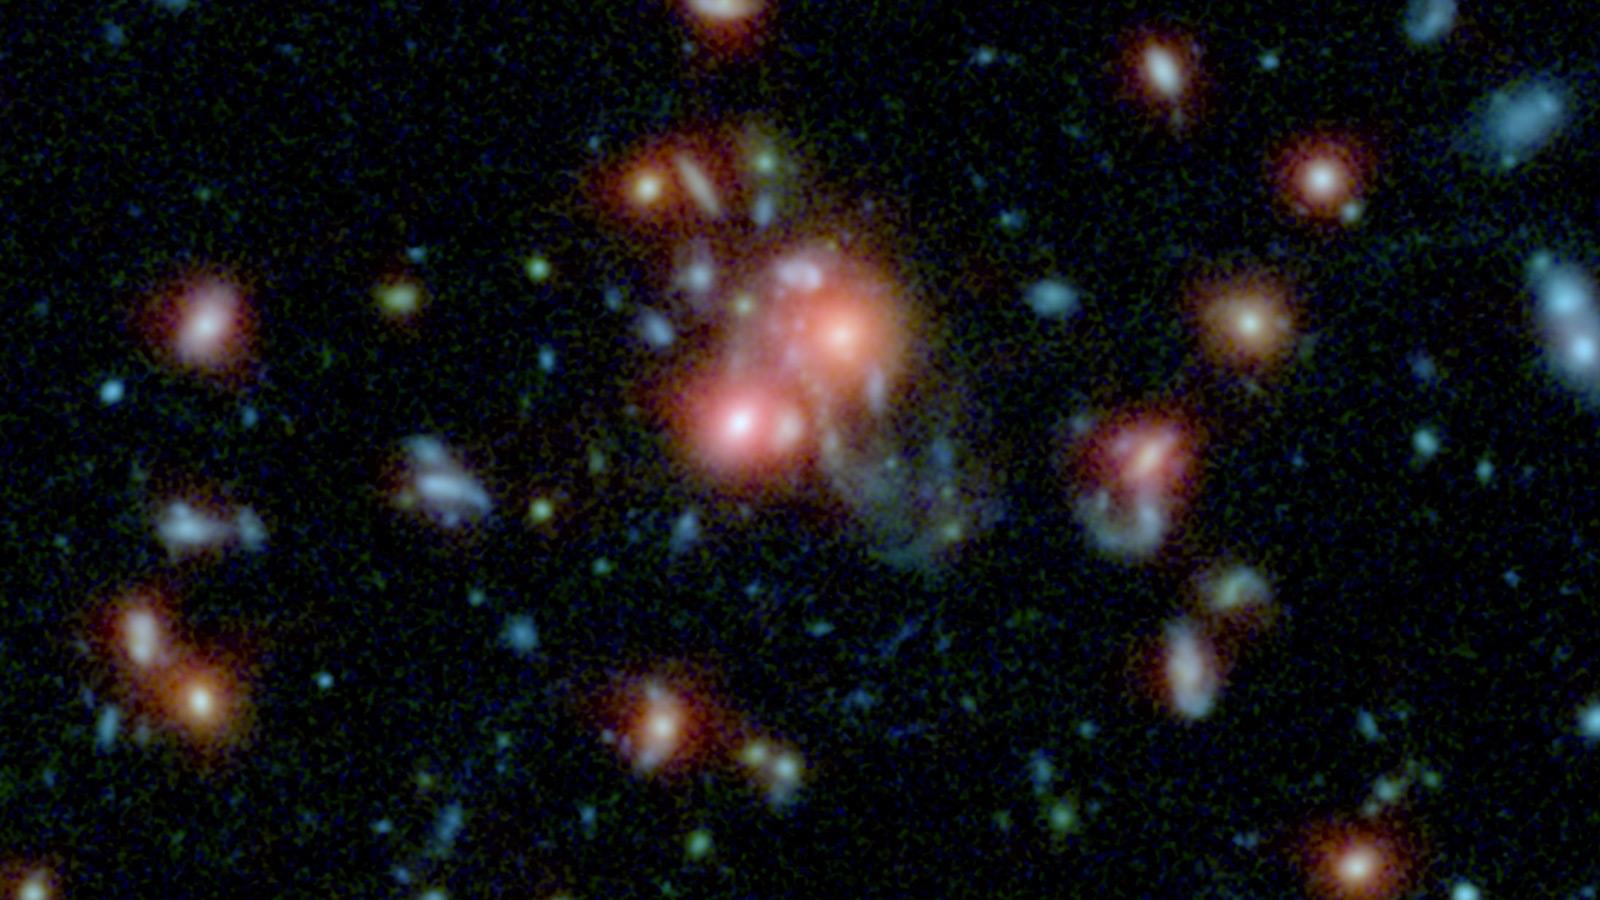 Superroiurile si evolutia lor de la inceputurile universului